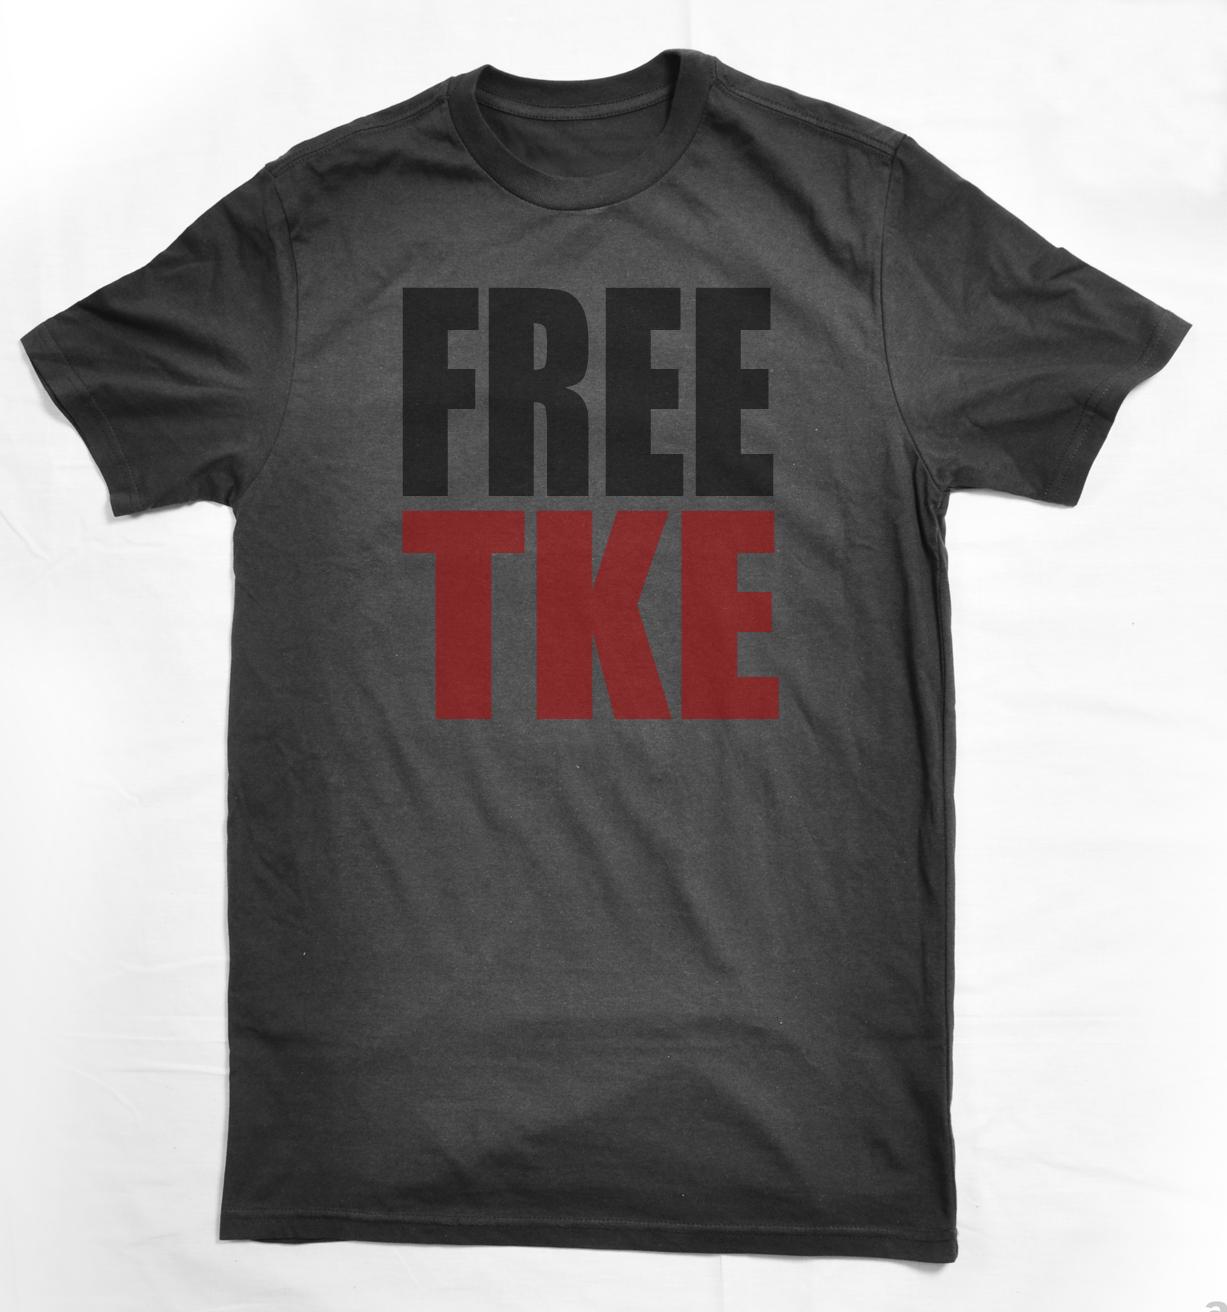 free tke shirts